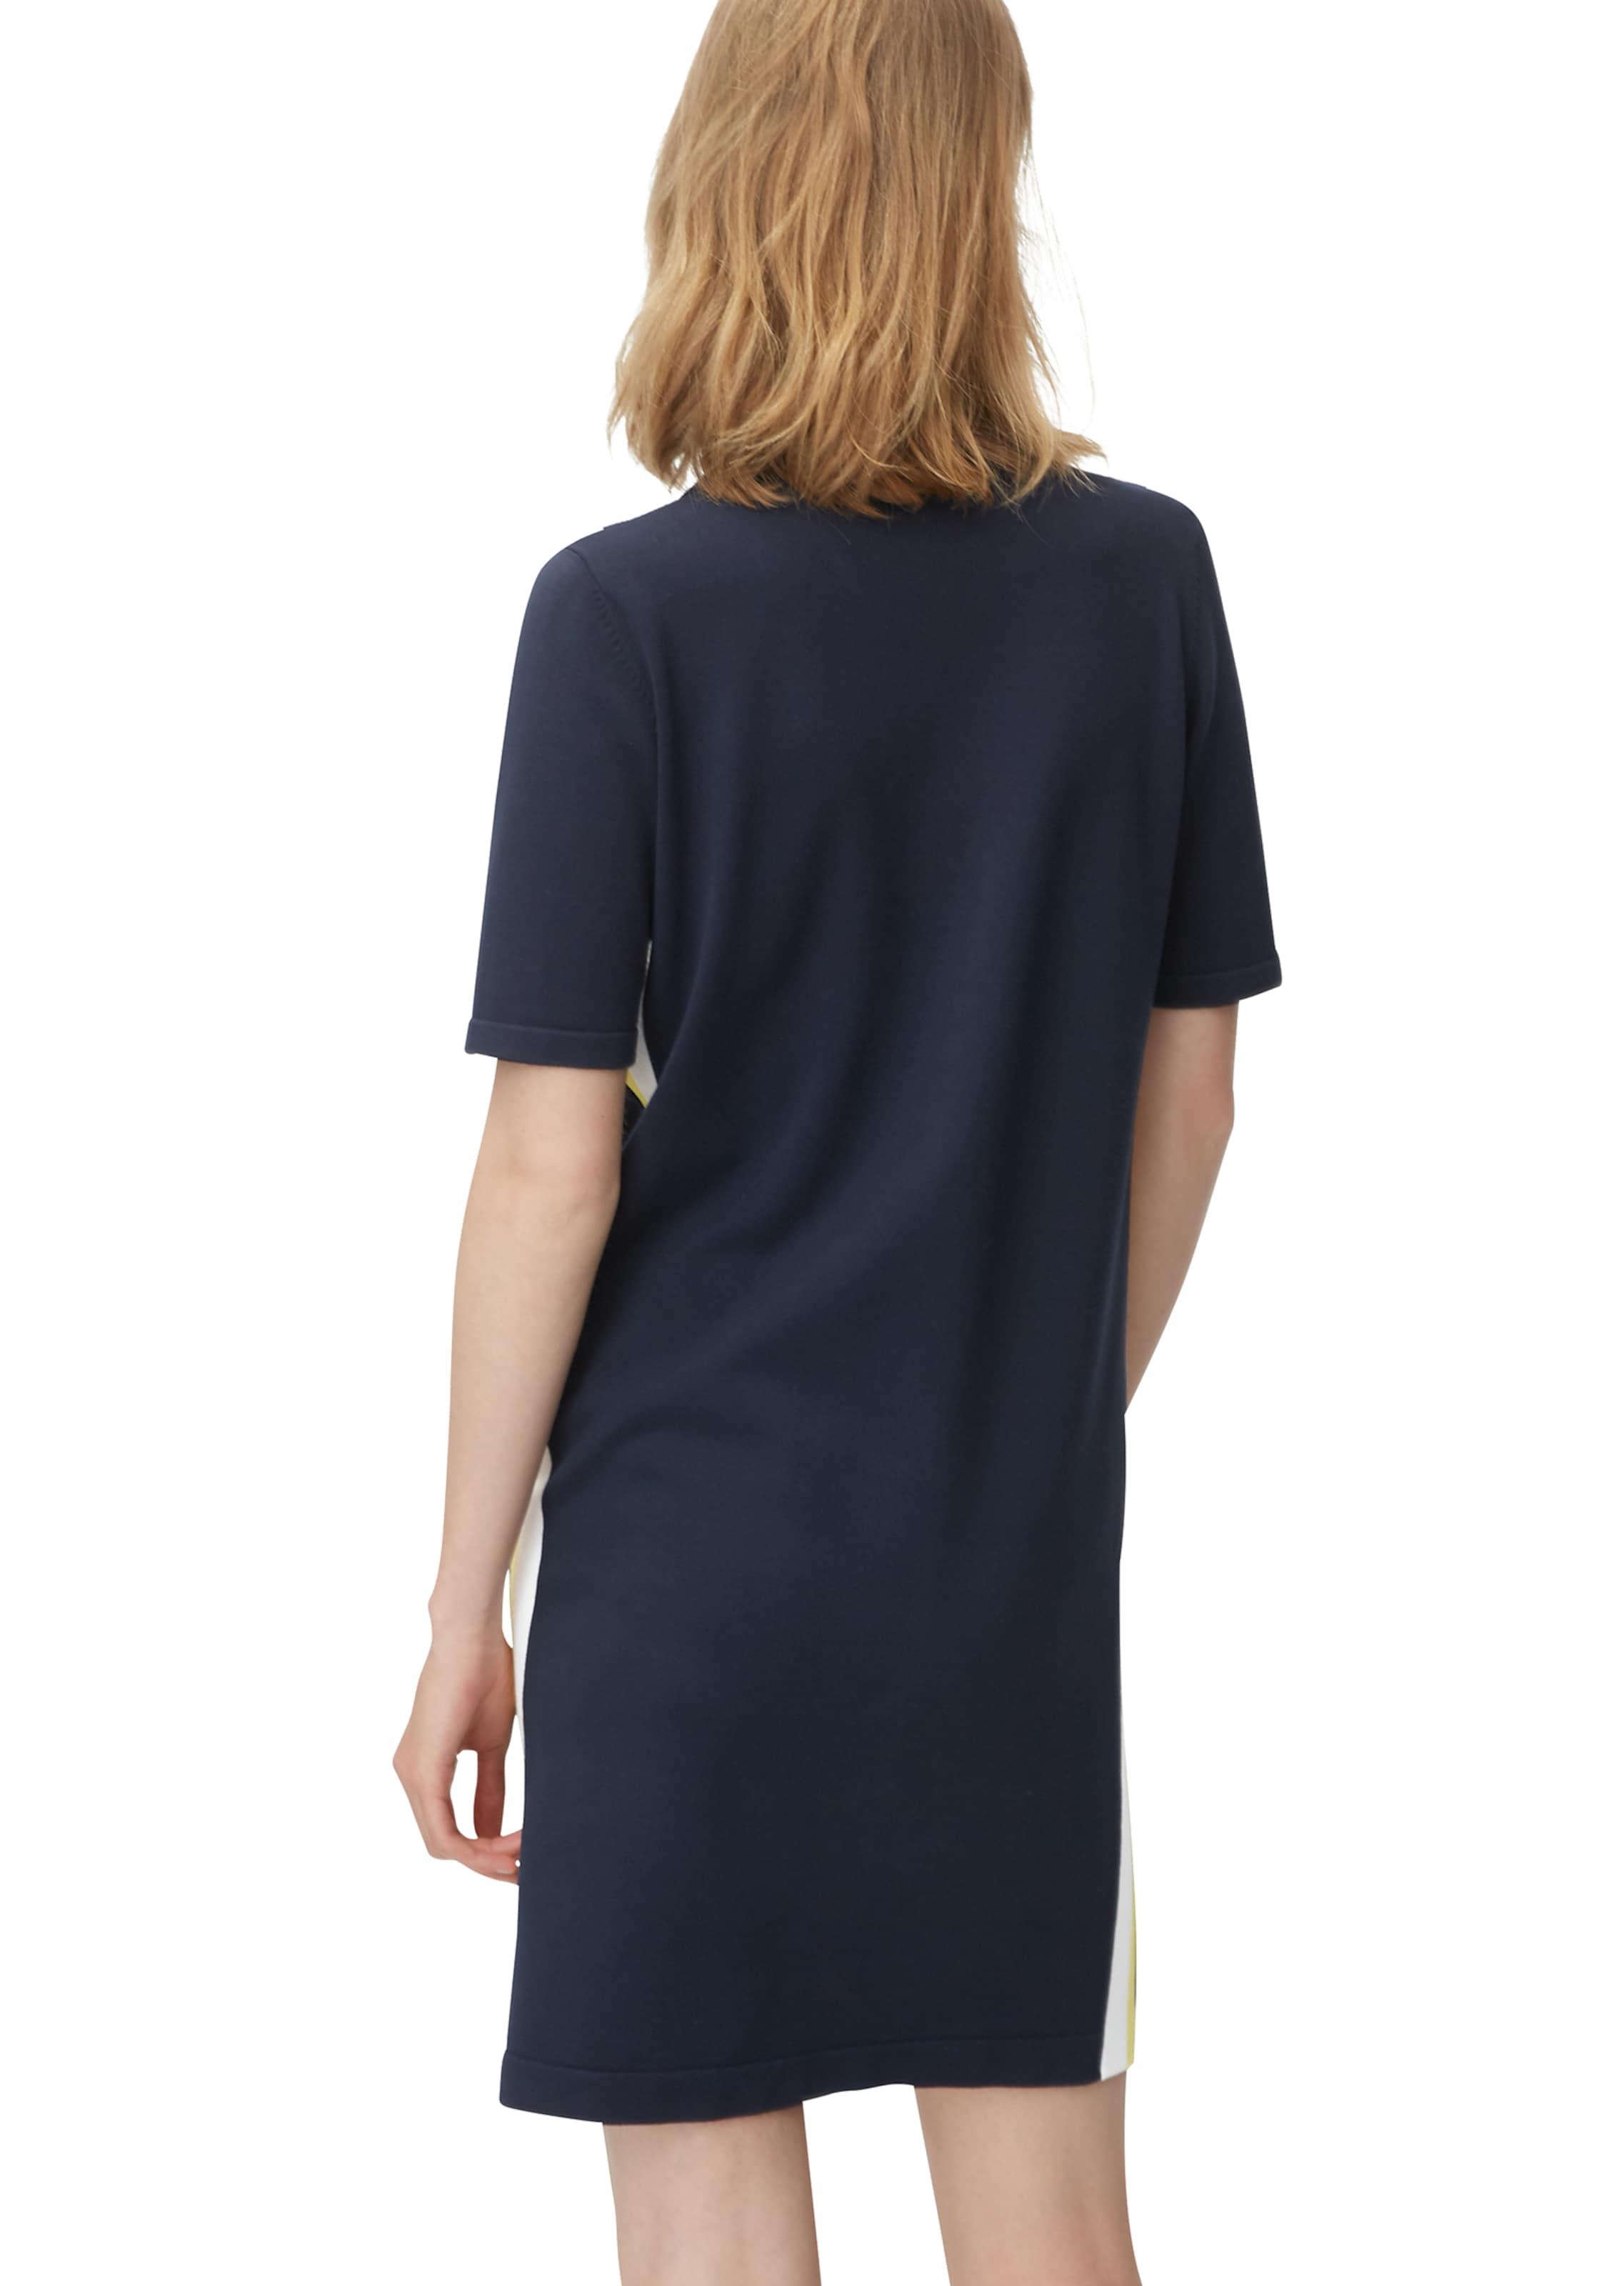 Denim Weiß Kleid O'polo In NachtblauSchilf Marc 6YyIf7vmbg